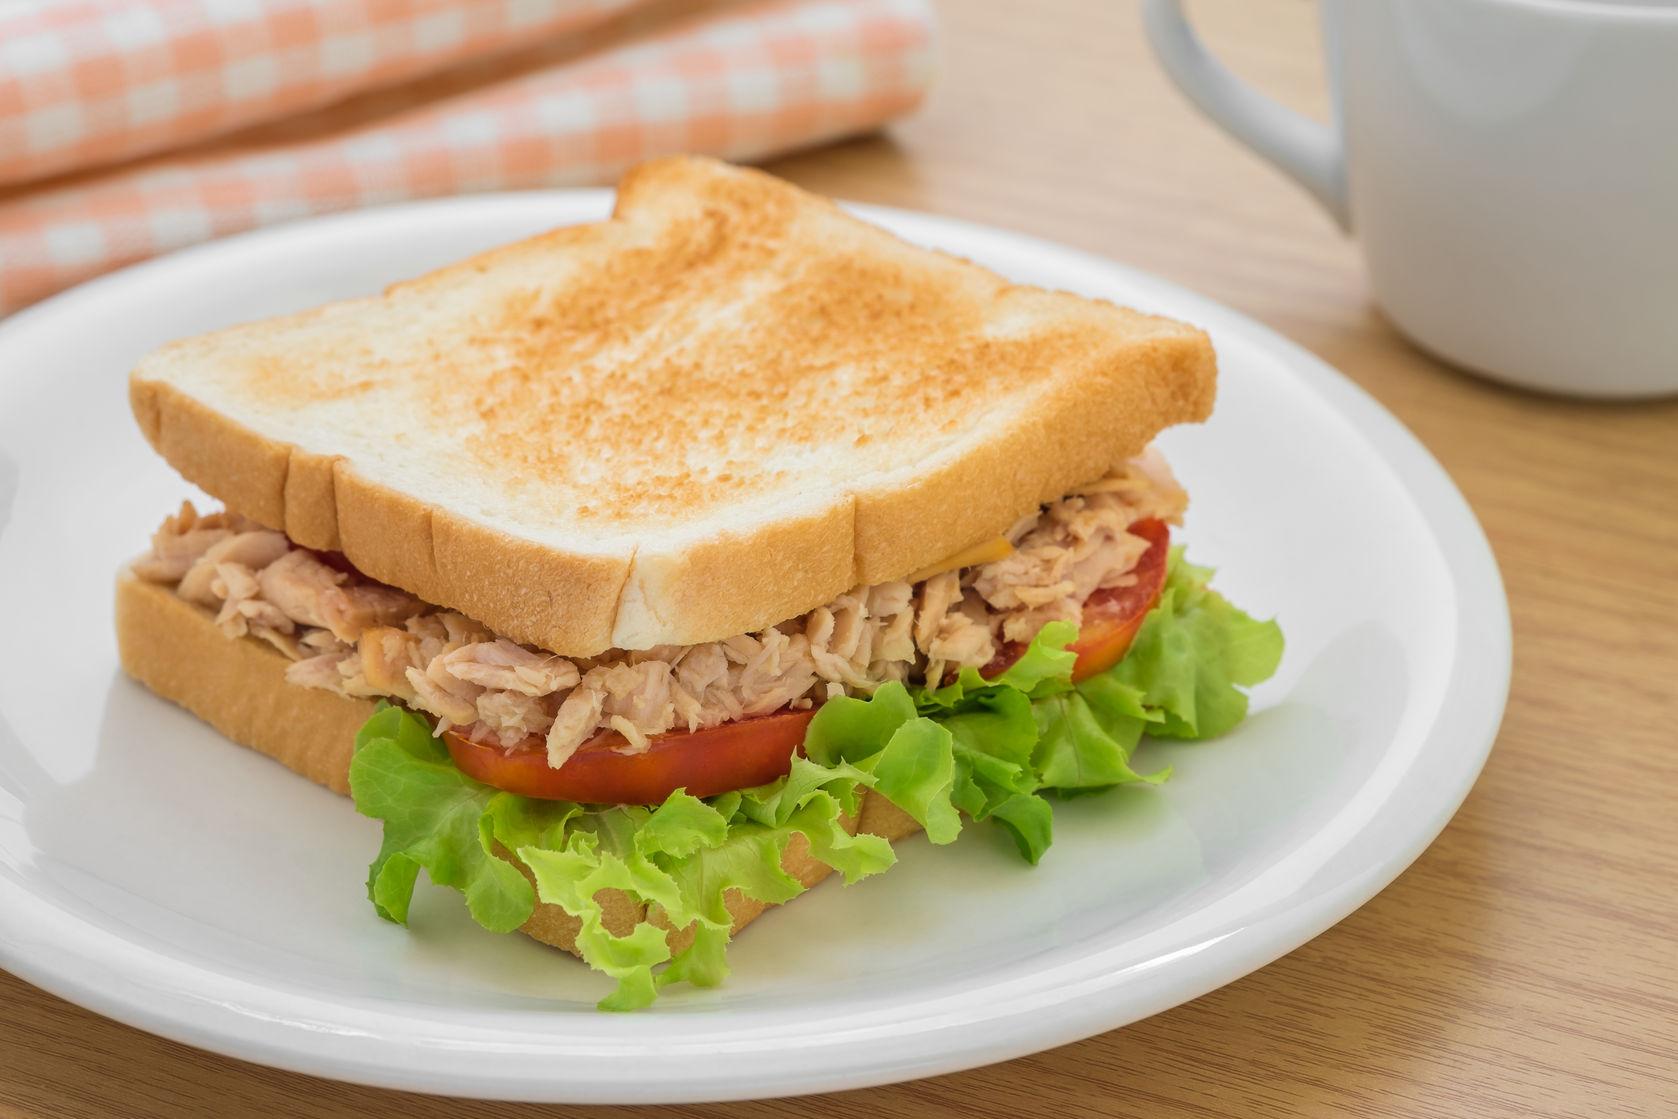 Diet Tidak Menjadi Penghalang Buat Kamu Menikmati 7 Makanan Lezat Ini